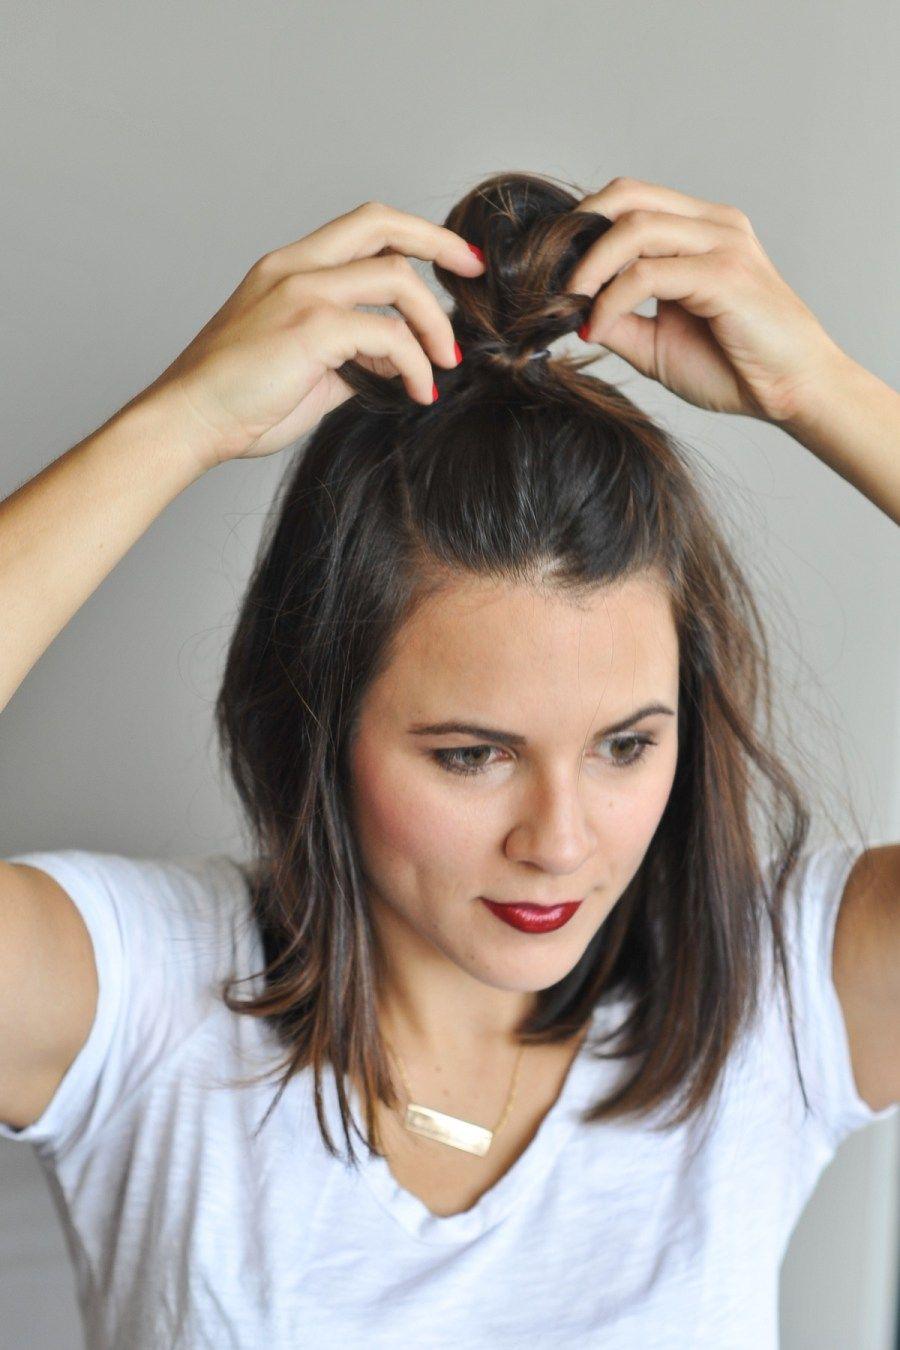 How To Do The Half Top Knot On Short Hair My Style Vita Short Hair Top Knot Messy Bun For Short Hair Short Hair Bun